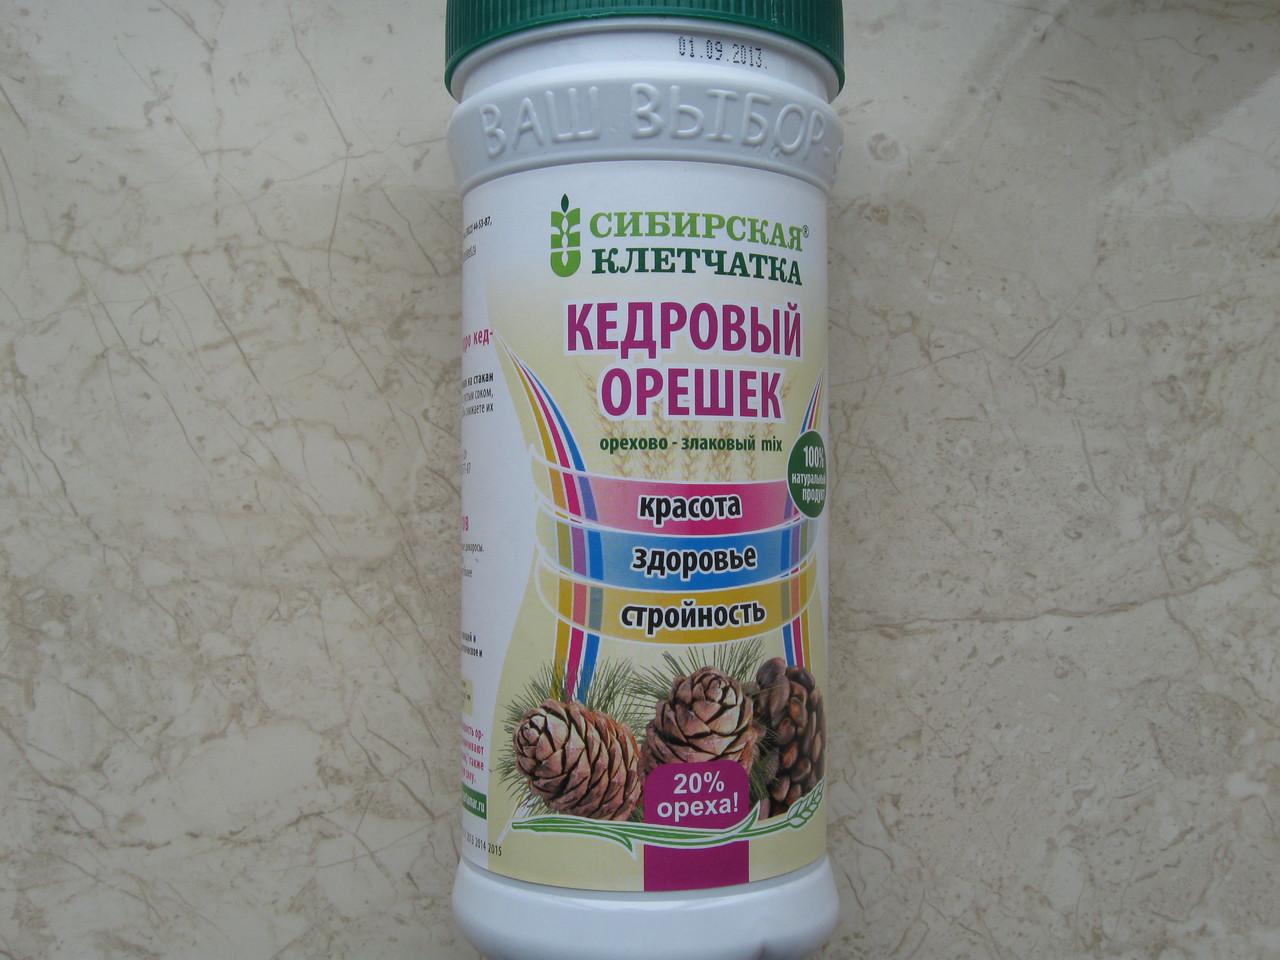 Сибирская клетчатка, кедровый орешек, 280г